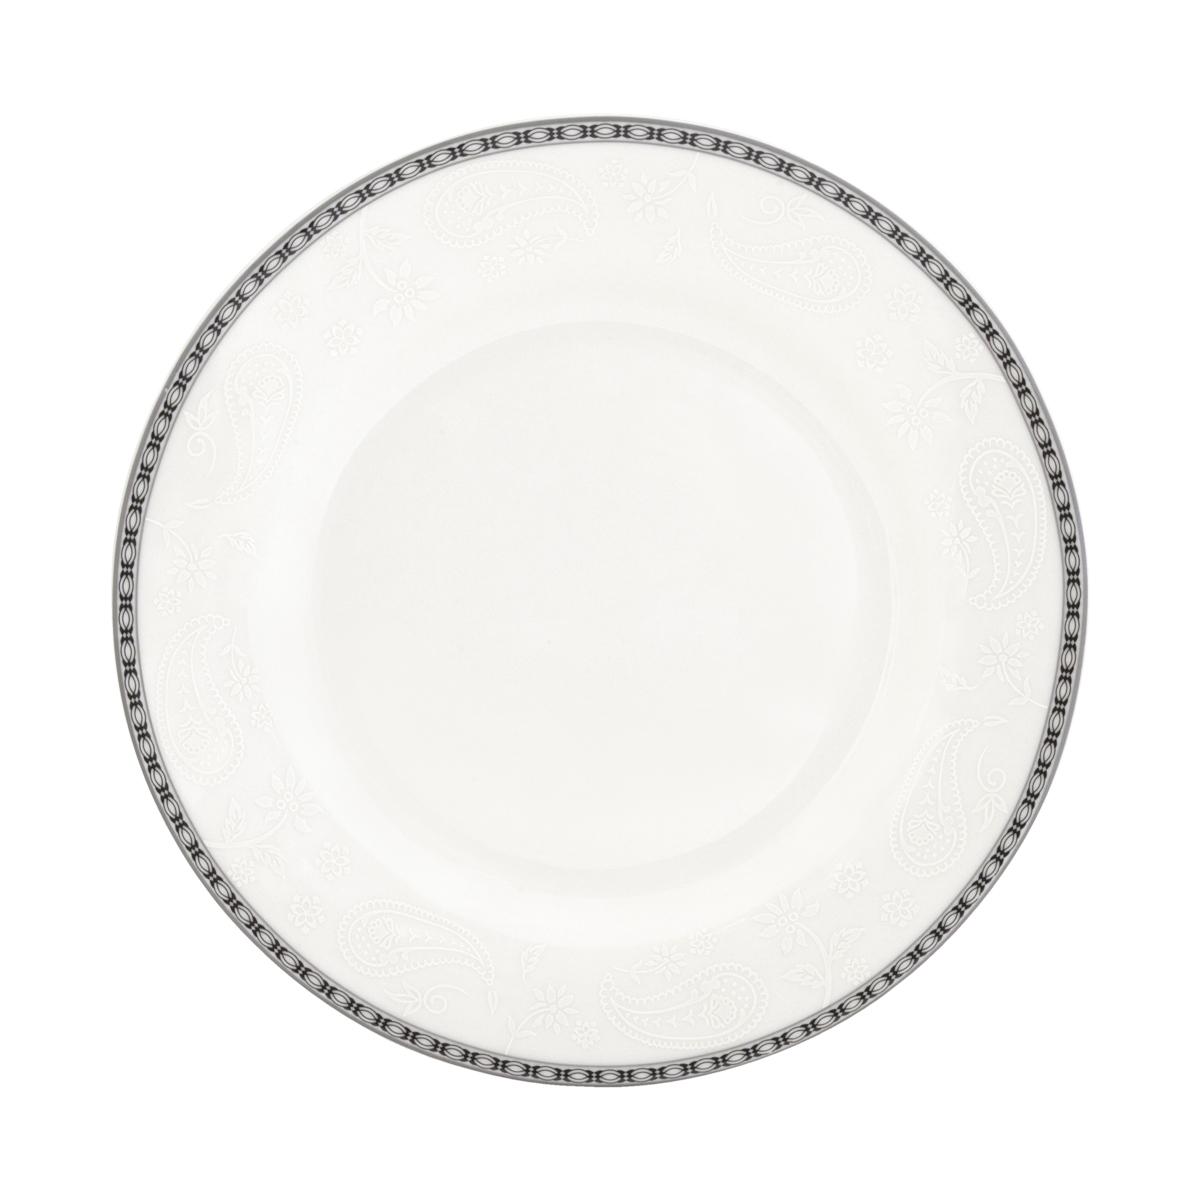 Набор суповых тарелок Esprado Arista White, диаметр 23 см, 6 шт. ARW023WE301115510Набор Esprado Arista White состоит из шести суповых тарелок, декорированных изысканной каймой с орнаментом и тиснением с принтом пейсли. Посуда выполнена из костяного фарфора, основные составляющие которого костная зола и каолин. От содержания костной золы зависит белизна и прозрачность фарфора. В материале, который используется для создания посуды Esprado, его содержание от 48 до 50%.Родина костной золы, из которой производится посуда Esprado, Великобритания, славящаяся сырьем высокого качества. Каолин, белая глина на основе природного минерала, поступает из Новой Зеландии, одного из наиболее экологически чистых регионов мира. Такое сочетание обеспечивает высокое качество материала и безупречный оттенок слоновой кости. Экологическая глазурь из Японии, высоко ценящаяся во всем мире, которой покрывается готовое изделие, позволяет добиться идеально ровного цвета и кристального блеска. В костяном фарфоре отсутствуют примеси кадмия и свинца, а потому он абсолютно нетоксичен и безопасен. Посуда из фарфора Esprado прочна и устойчива к истиранию: царапины от ножа и сеточки трещин не появятся на ней даже через несколько лет. Серия Arista названа в честь первой правящей династии королевства Наварра - современной провинции Наварра в Северной Испании и Атлантических Пиренеев в современной Южной Франции. Аристократическая роскошь и непринужденная элегантность отличает каждый предмет коллекции. Белый цвет тождественен солнечному свету, а свет - это божество, благо, жизнь, полнота бытия. Белизна также является символом высокого общественного положения - благородства, величия, благосостояния. Столовая посуда Arista White, выполненная в ослепительном белом цвете и дополненная изящным платиновым декором, идеальный выбор для создания атмосферы аристократического приема за вашим столом.Можно использовать в микроволновой печи и мыть в посудомоечной машине.